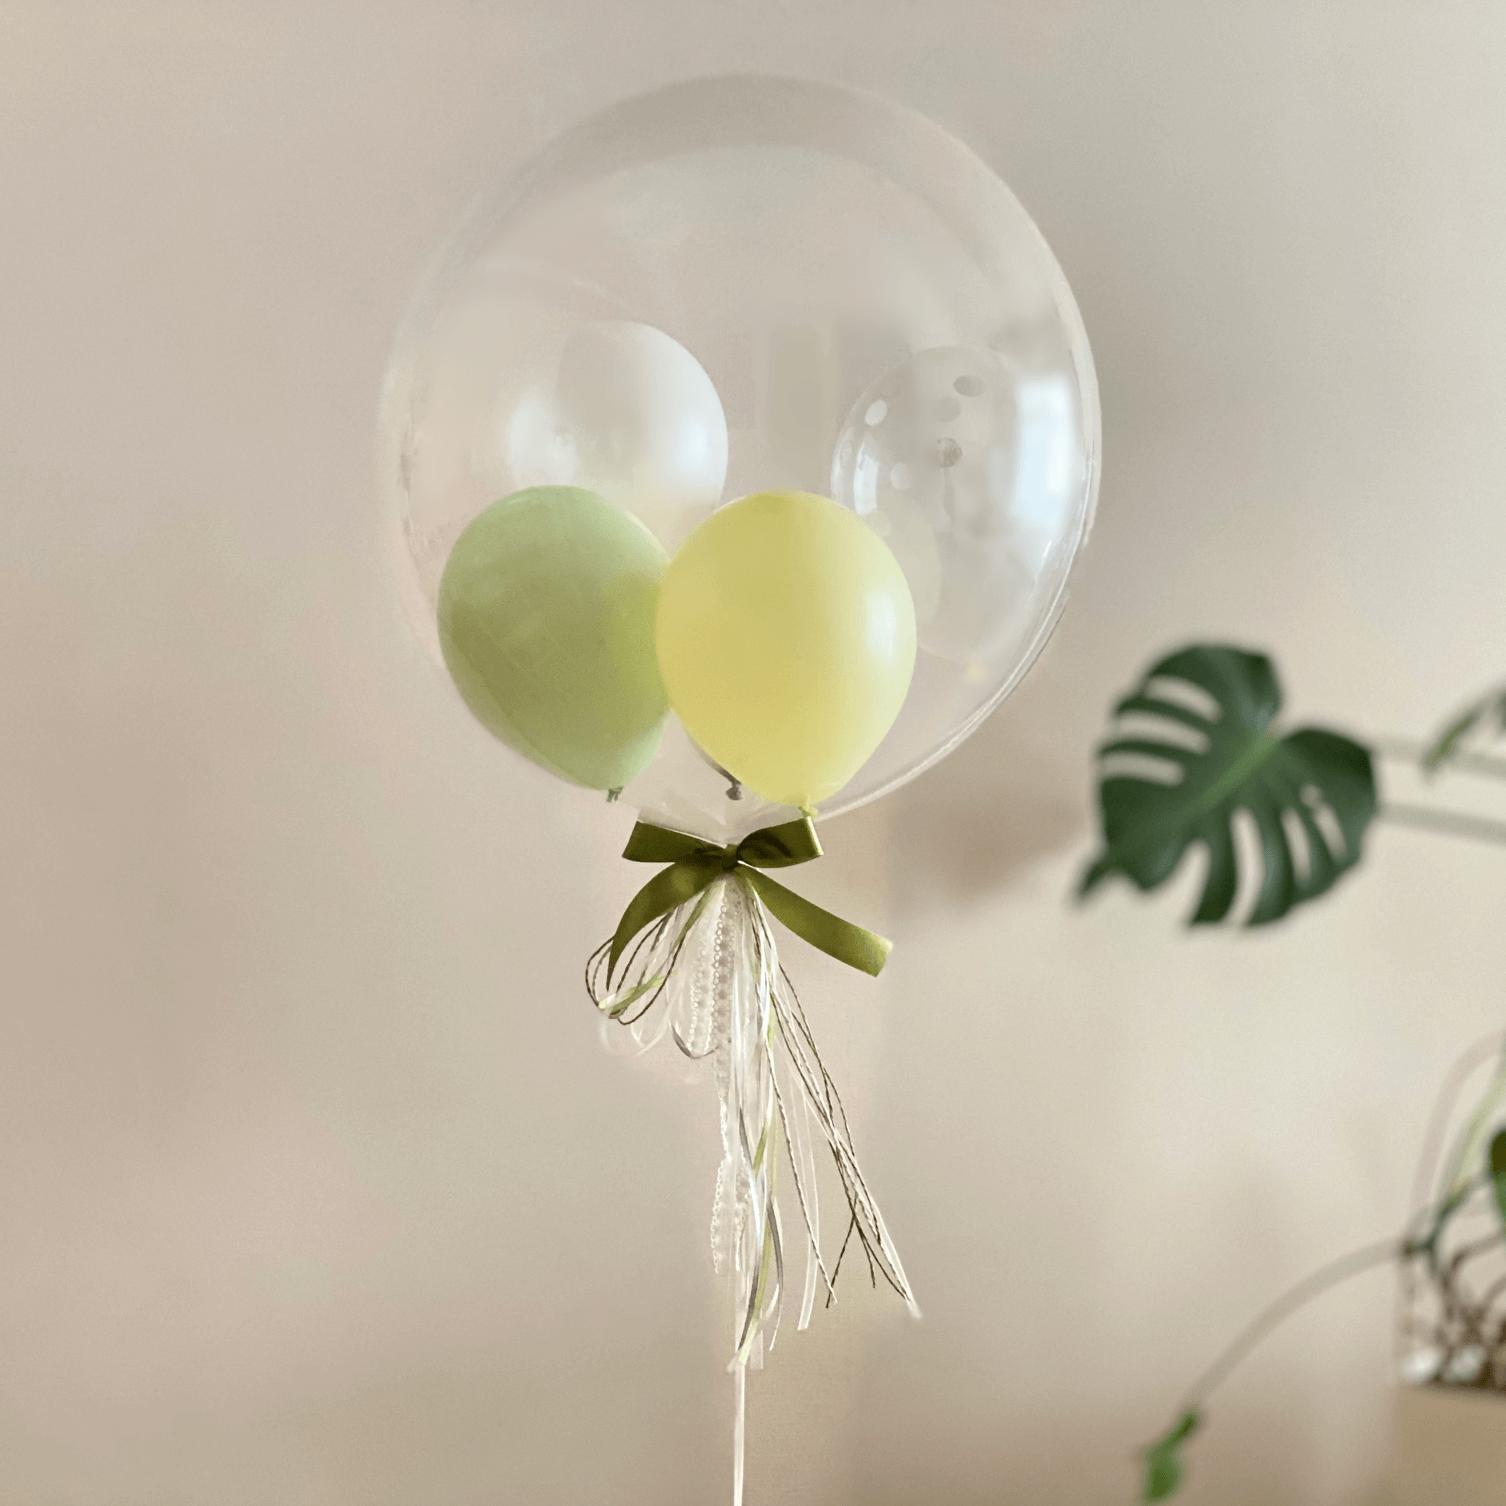 クリアーバルーン/グリーン